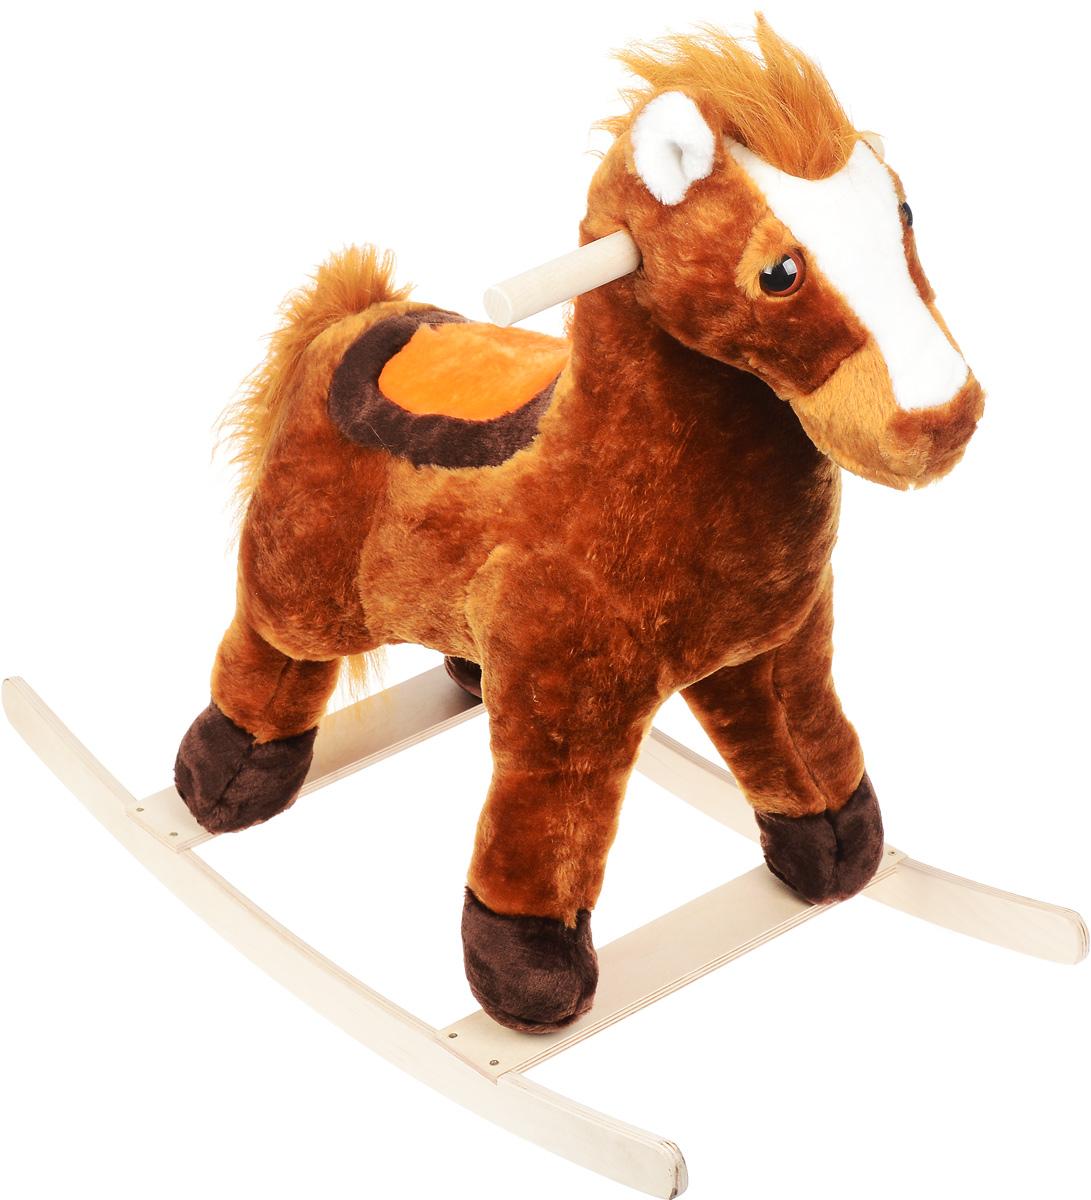 СмолТойс Игрушка-качалка Лошадь цвет коричневый - Ходунки, прыгунки, качалки